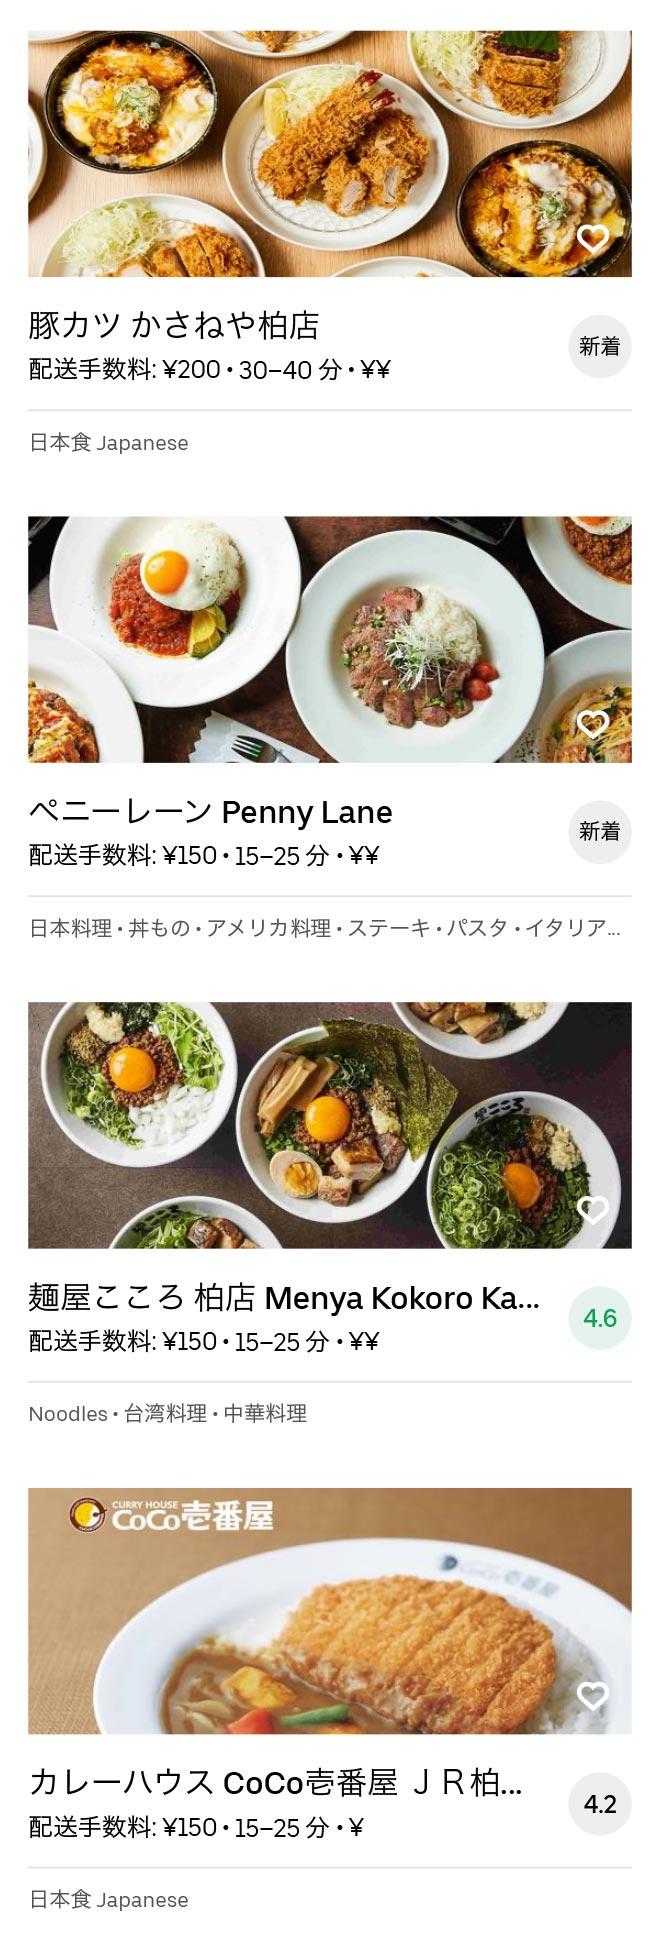 Kashiwa menu 2007 05